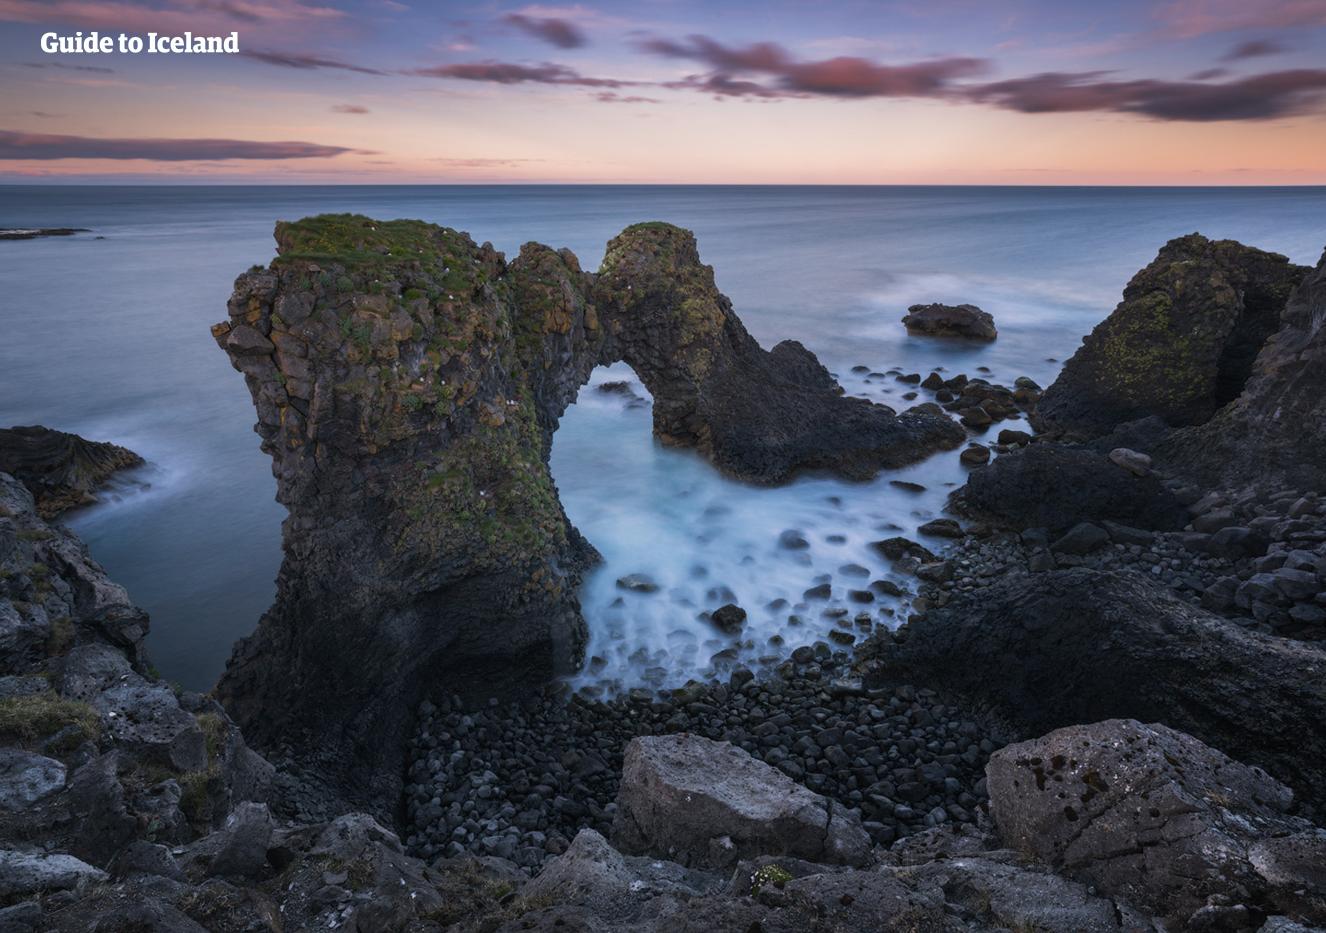 Gatklettur es una e las impresionantes formaciones rocosas de la península de Snæfellsnes, en el oeste de Islandia.